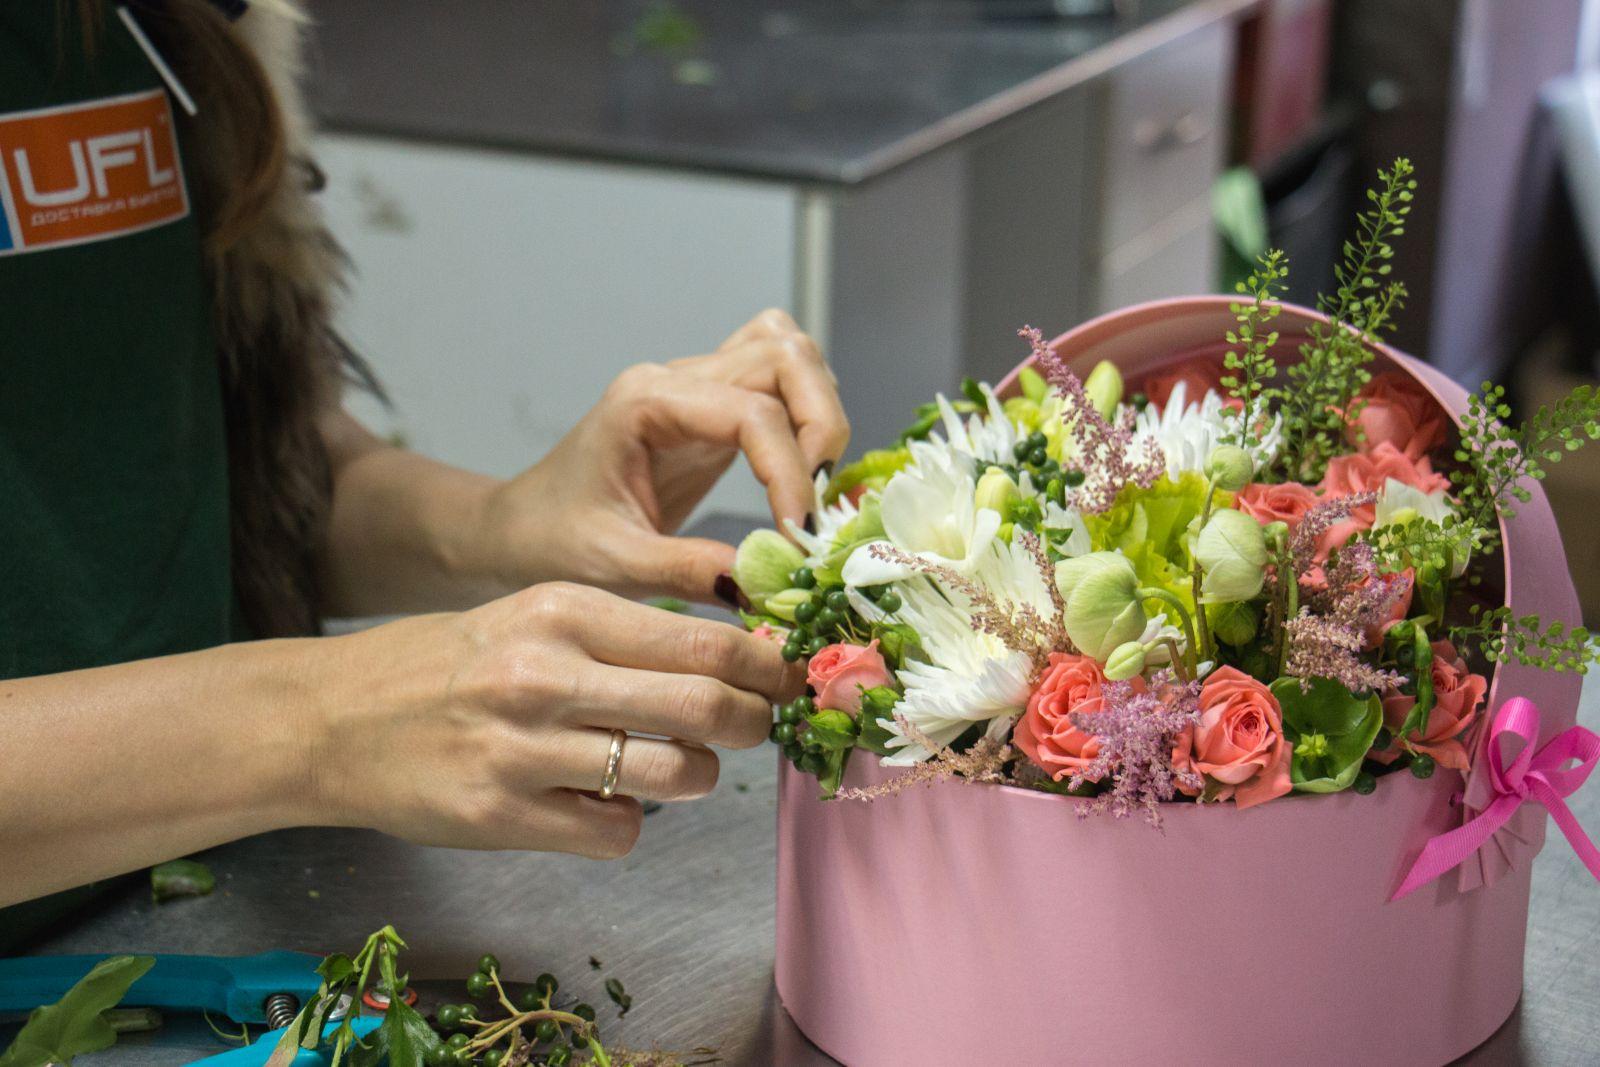 Ландышей, составление букетов название цветов мастер класс